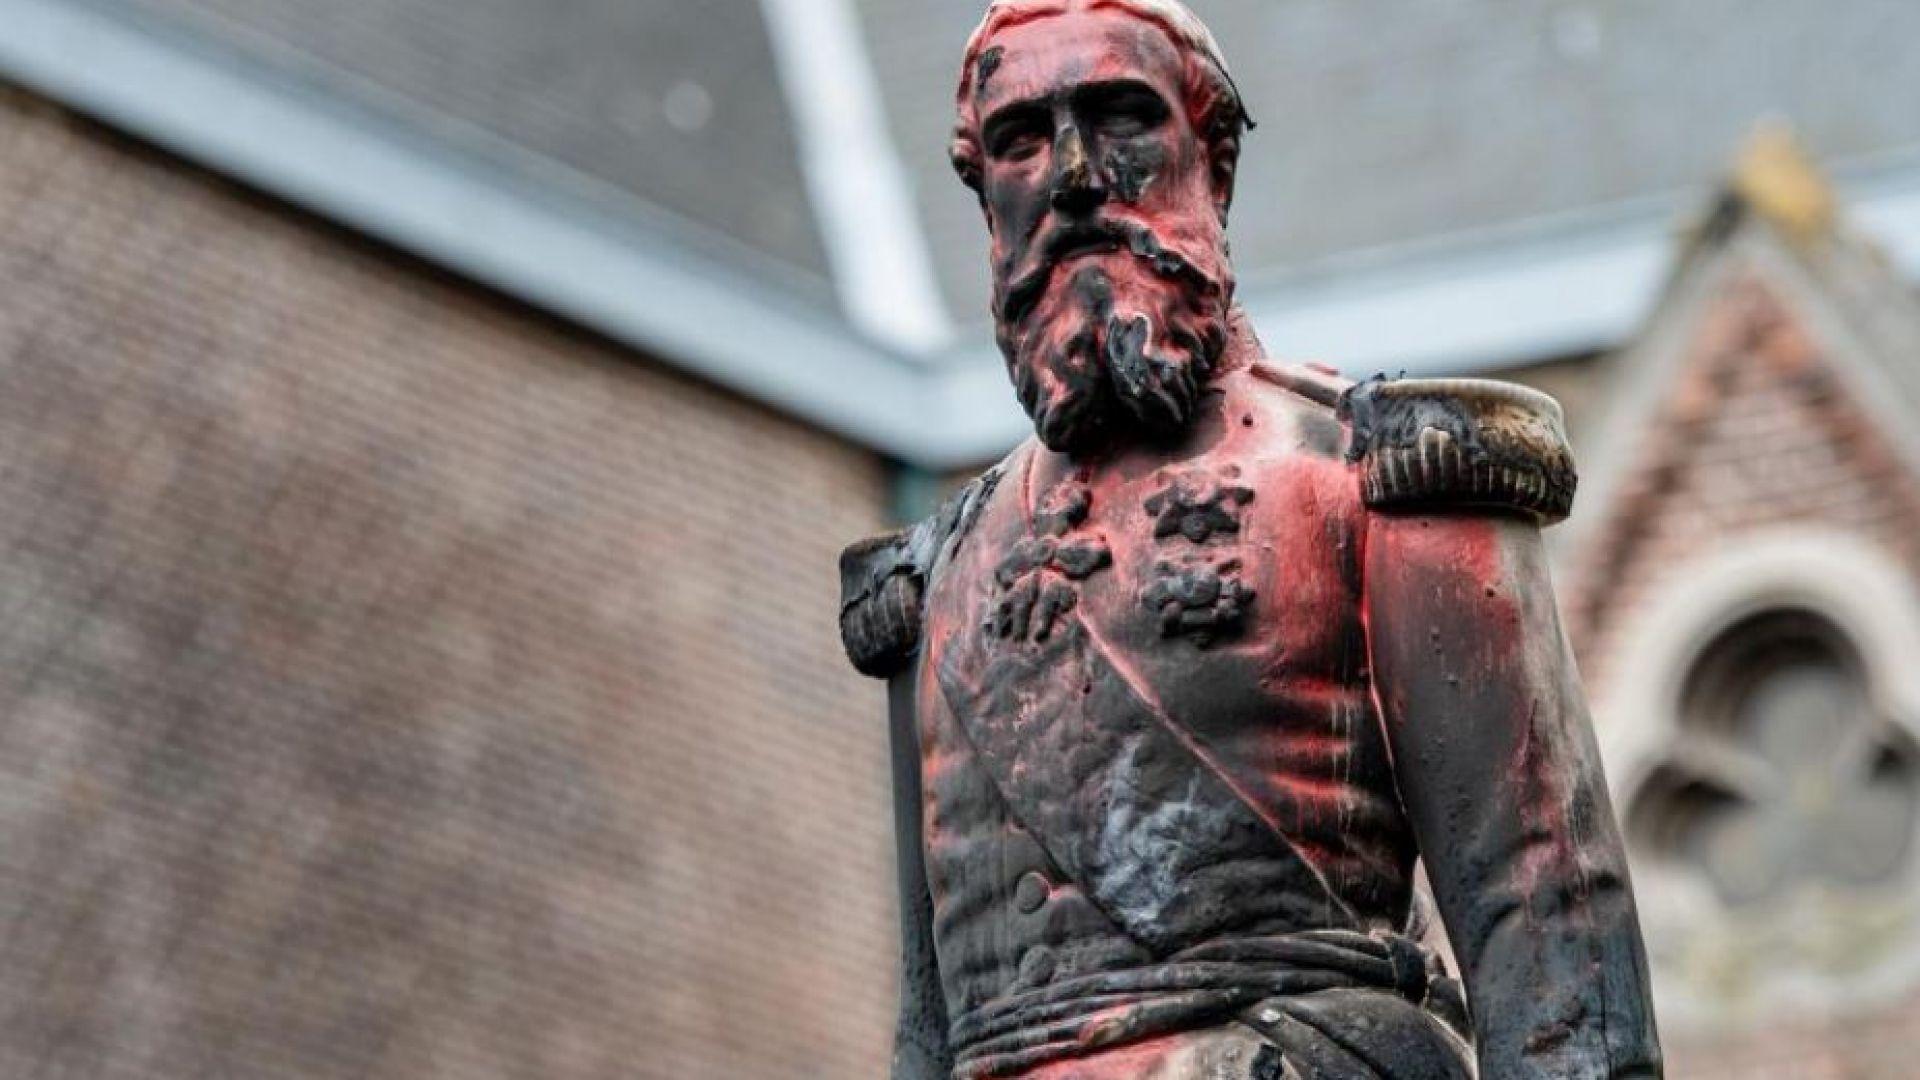 Махнаха статуята на крал Леополд Втори от площада в Антверпен (видео)